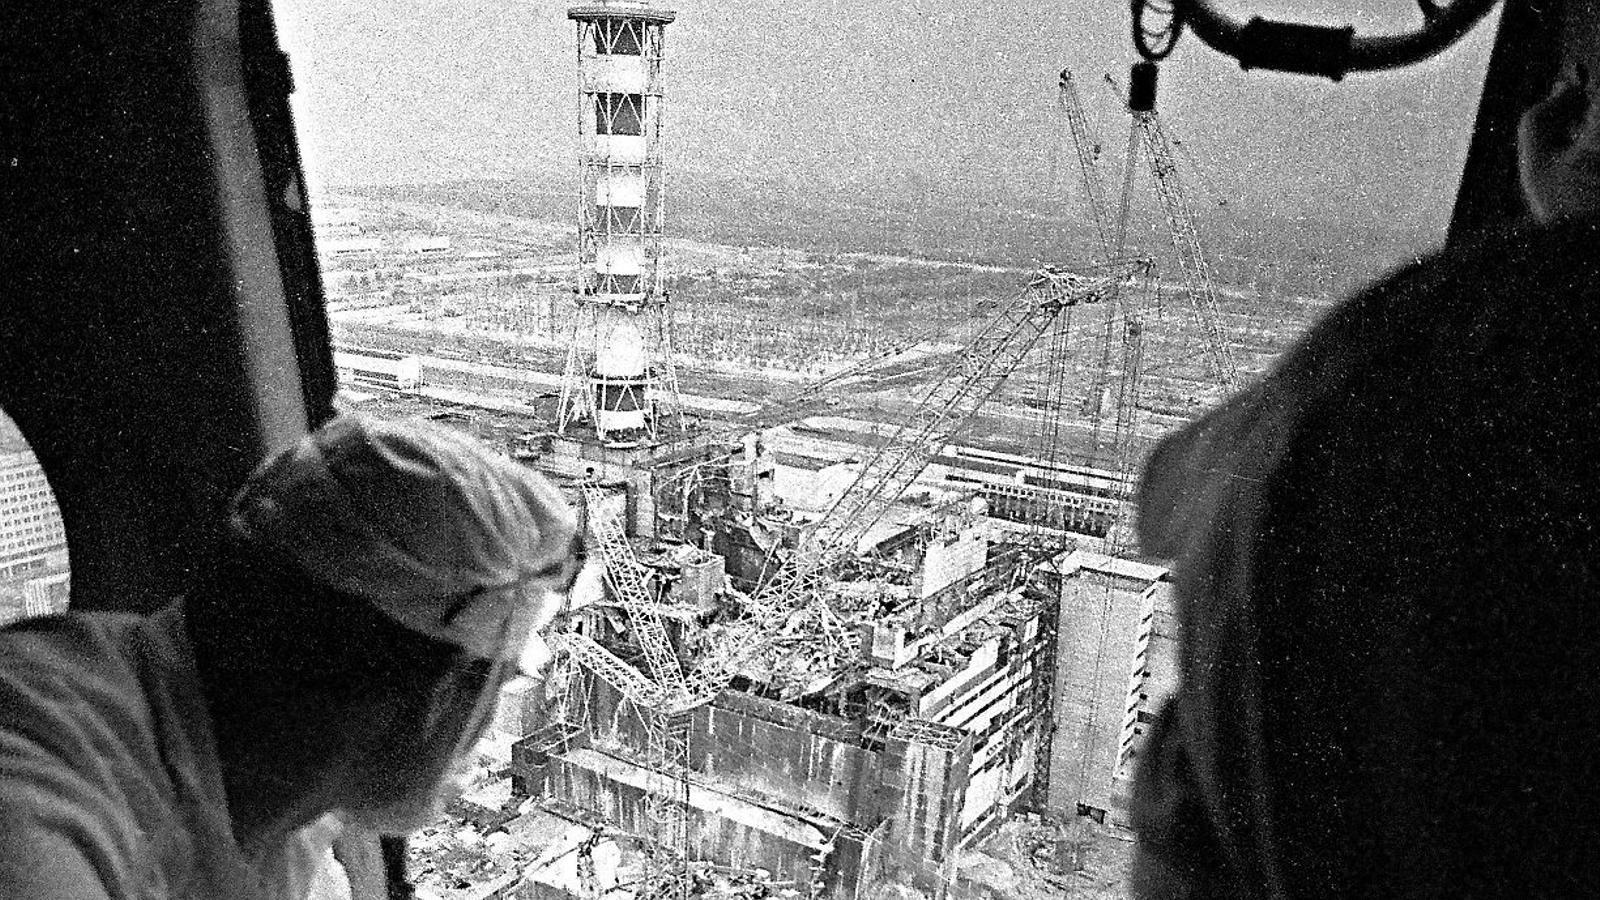 Una de les imatges de la catàstrofe a Txernòbil del guanyador del World Press Photo 1987.